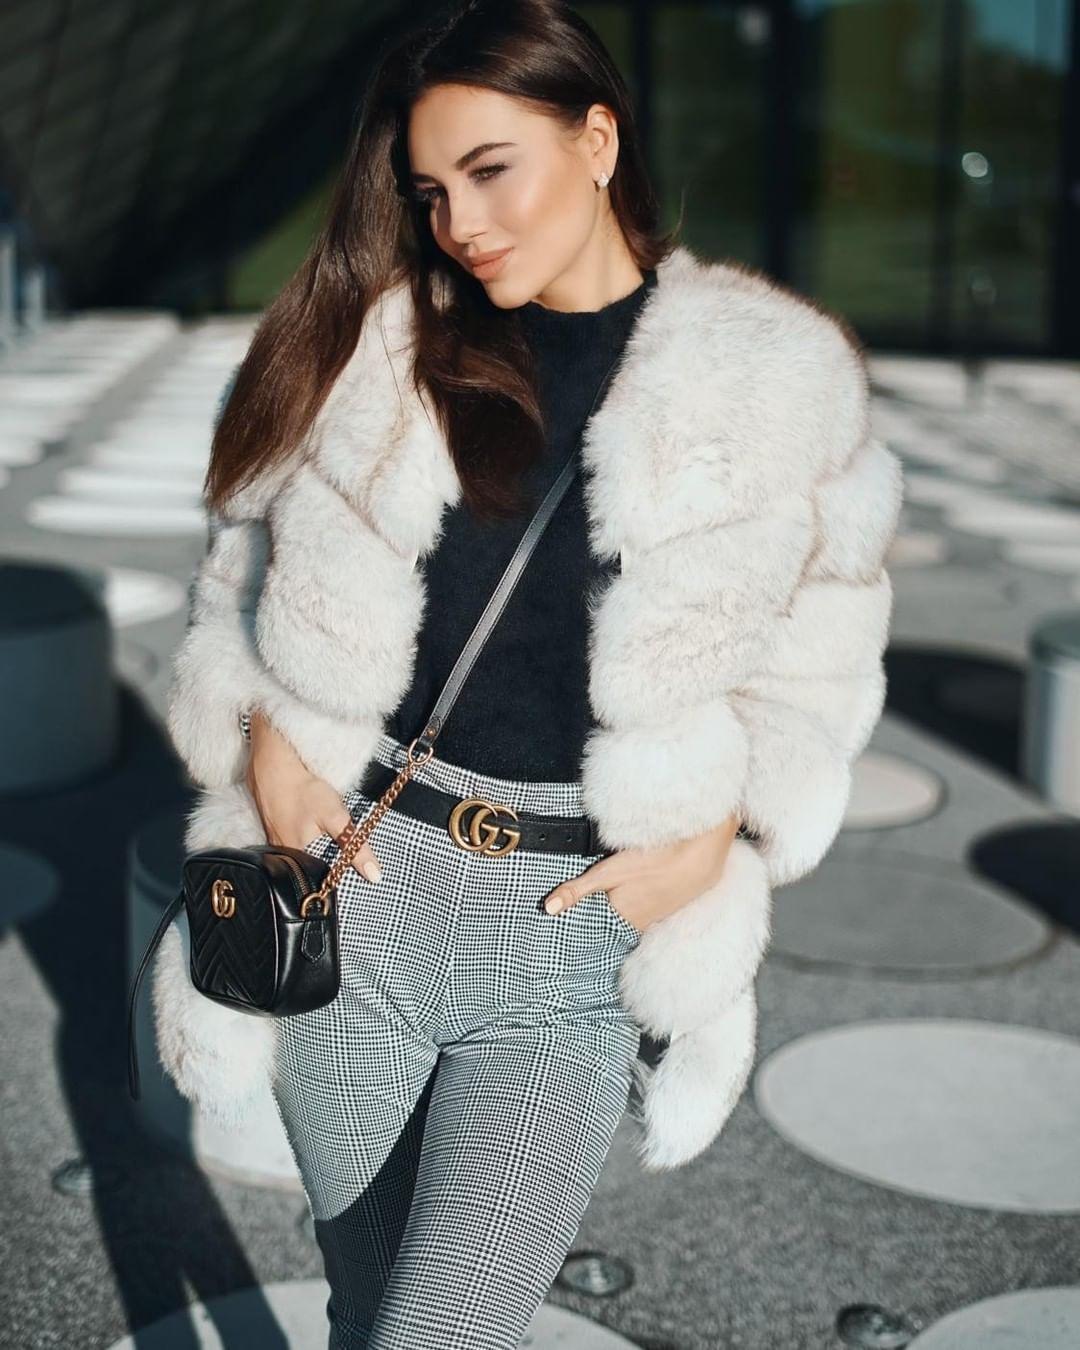 madelyn-white-veronika_klimovits-5